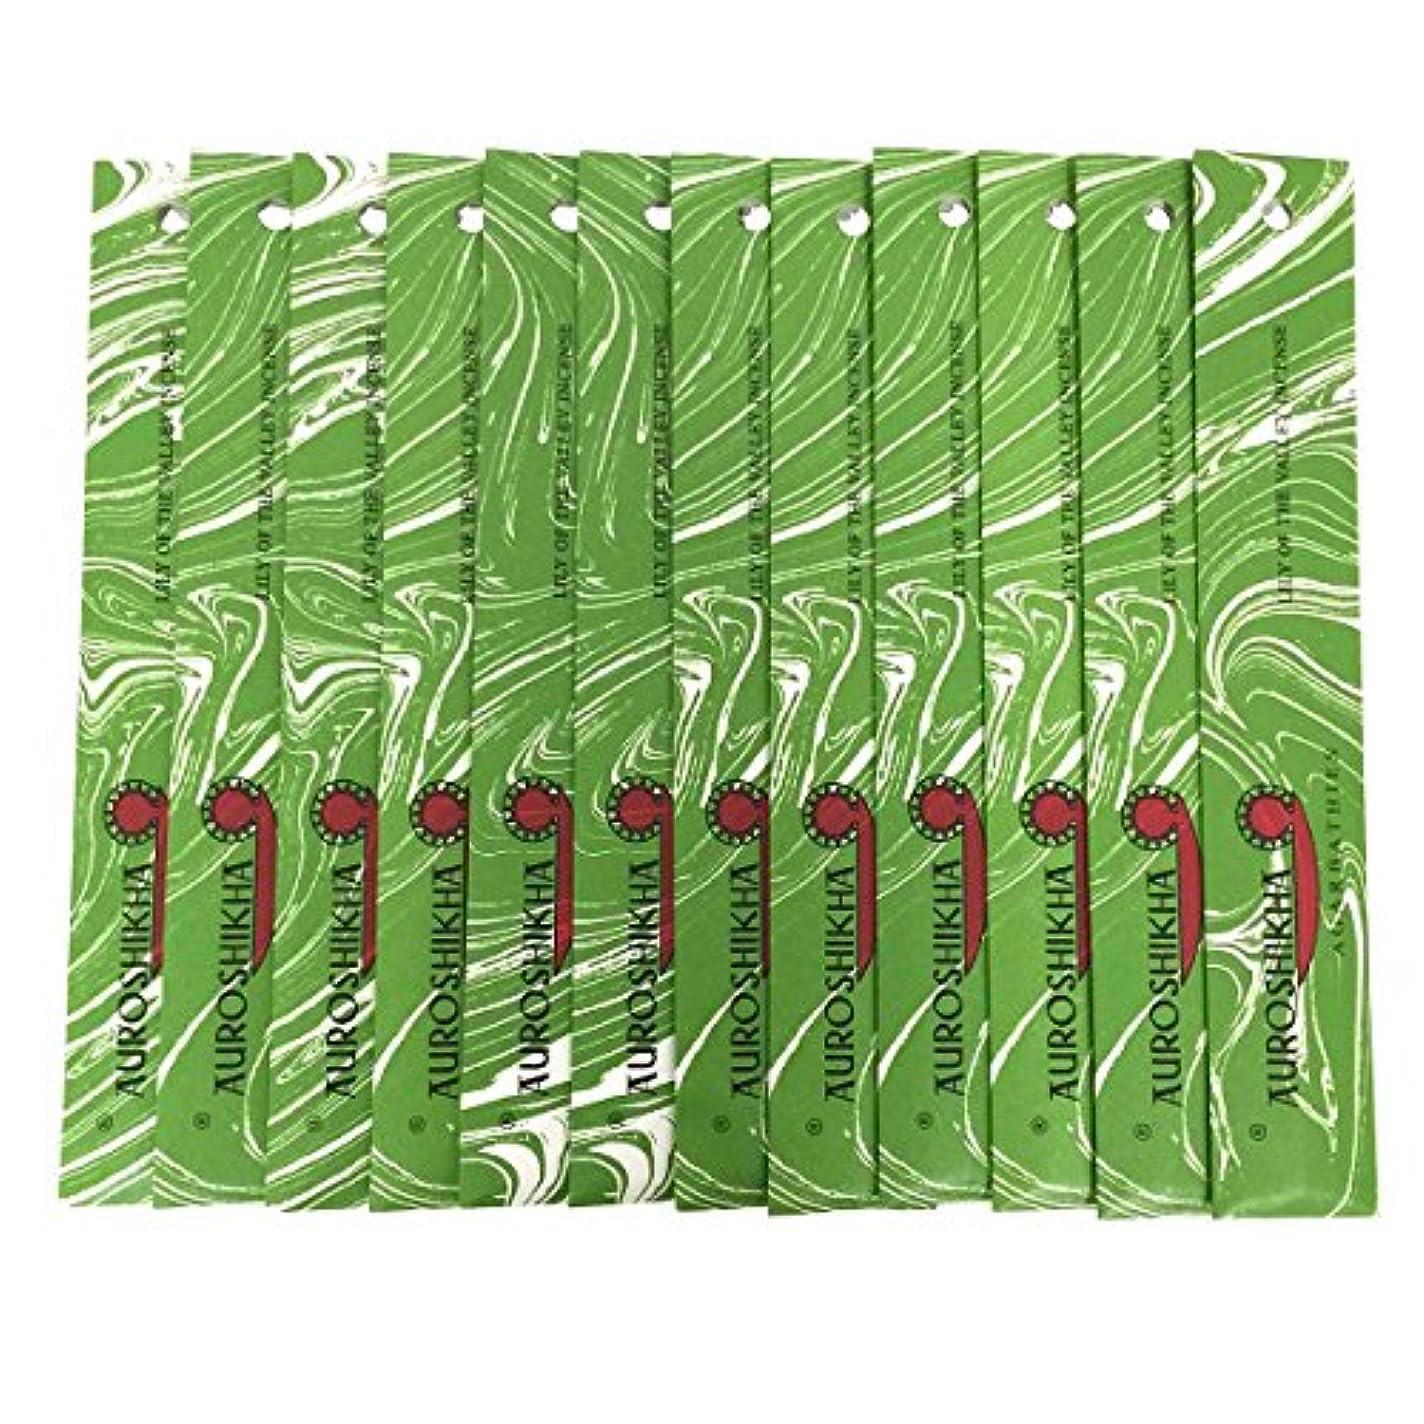 弱点胚法律によりAUROSHIKHA オウロシカ(LILYOFTHEVALLEYリリーオブザバレー12個セット) マーブルパッケージスティック 送料無料